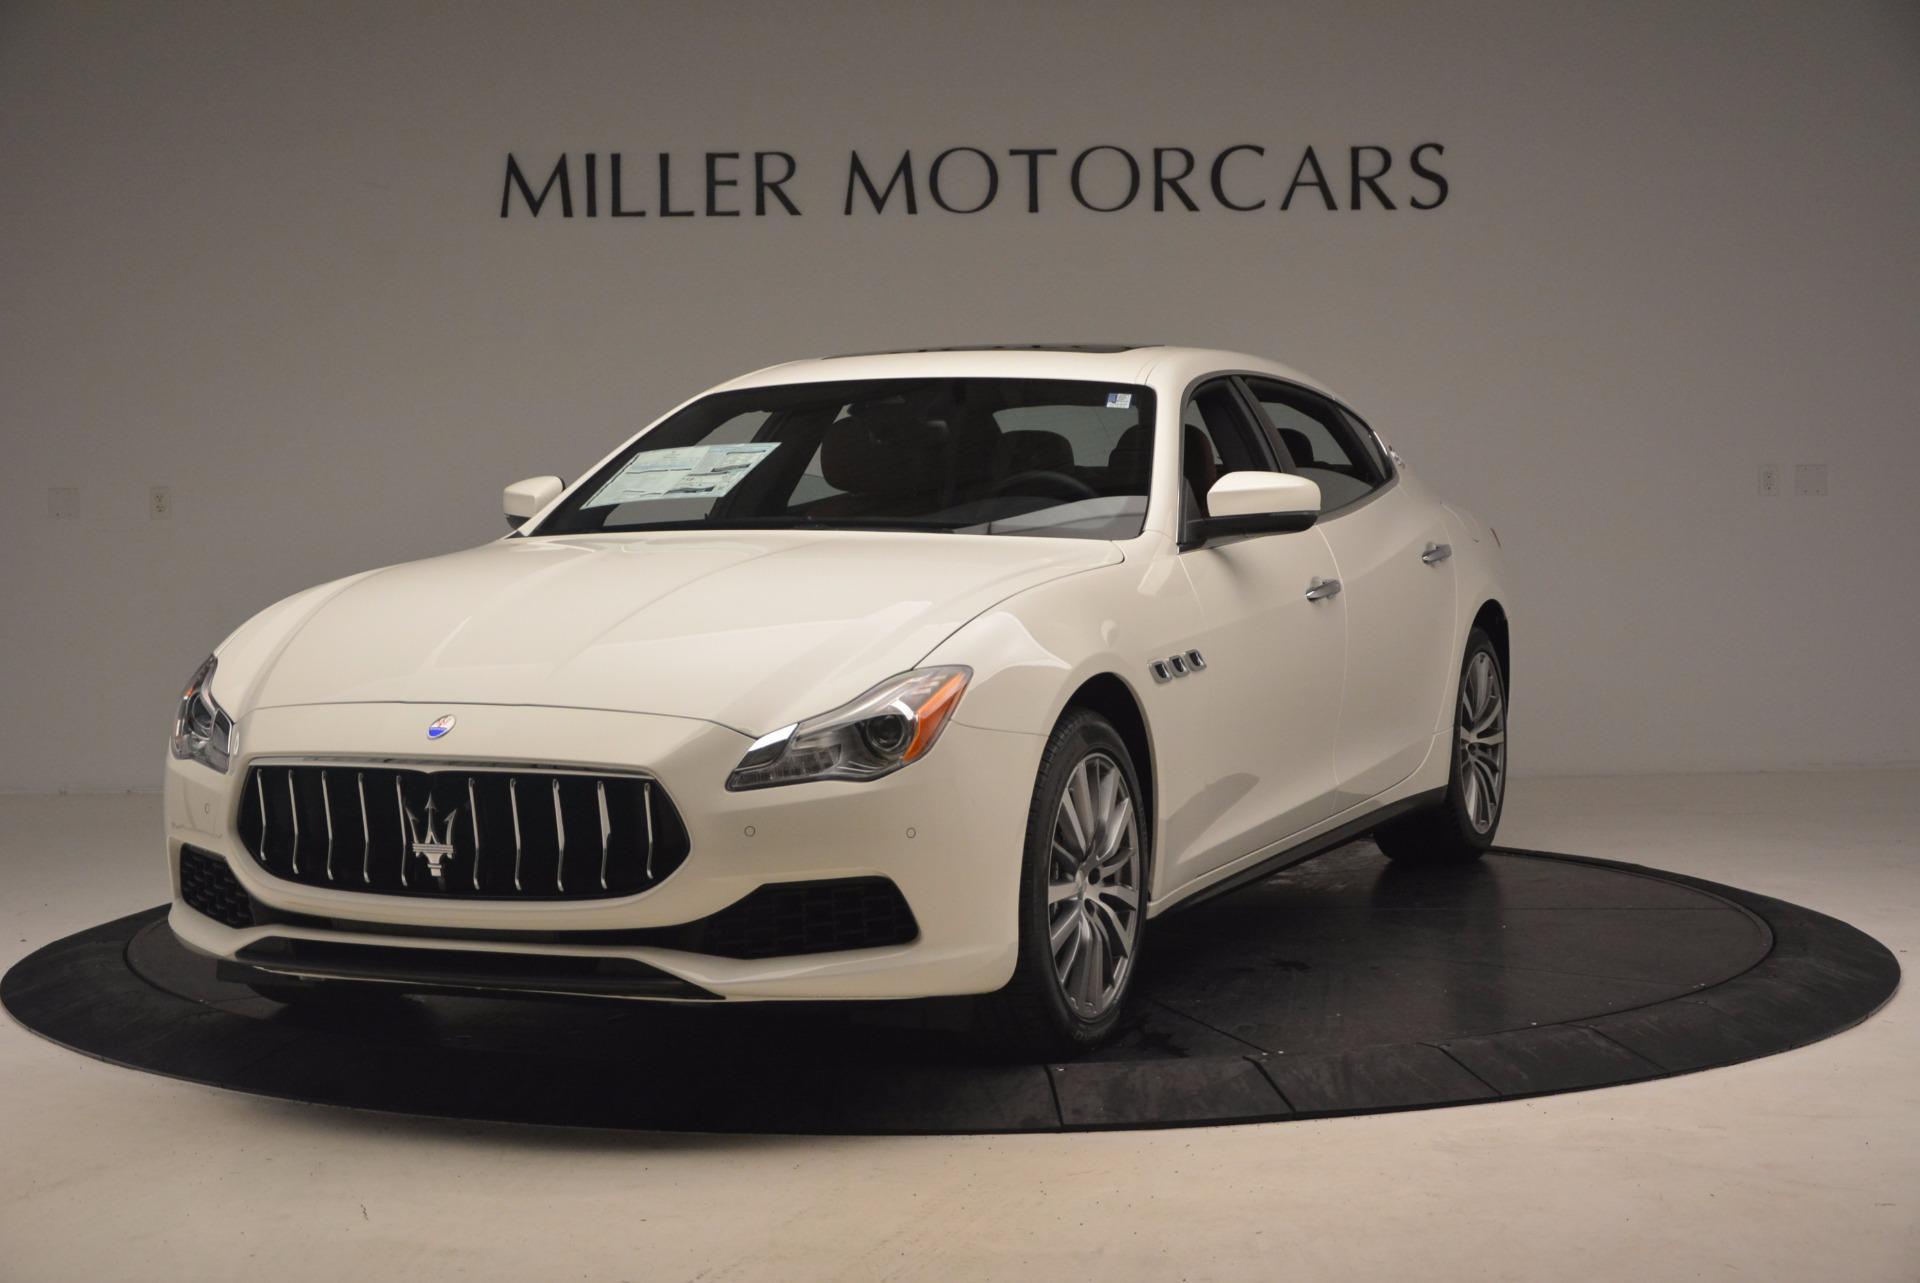 Used 2017 Maserati Quattroporte SQ4 for sale $53,900 at McLaren Greenwich in Greenwich CT 06830 1